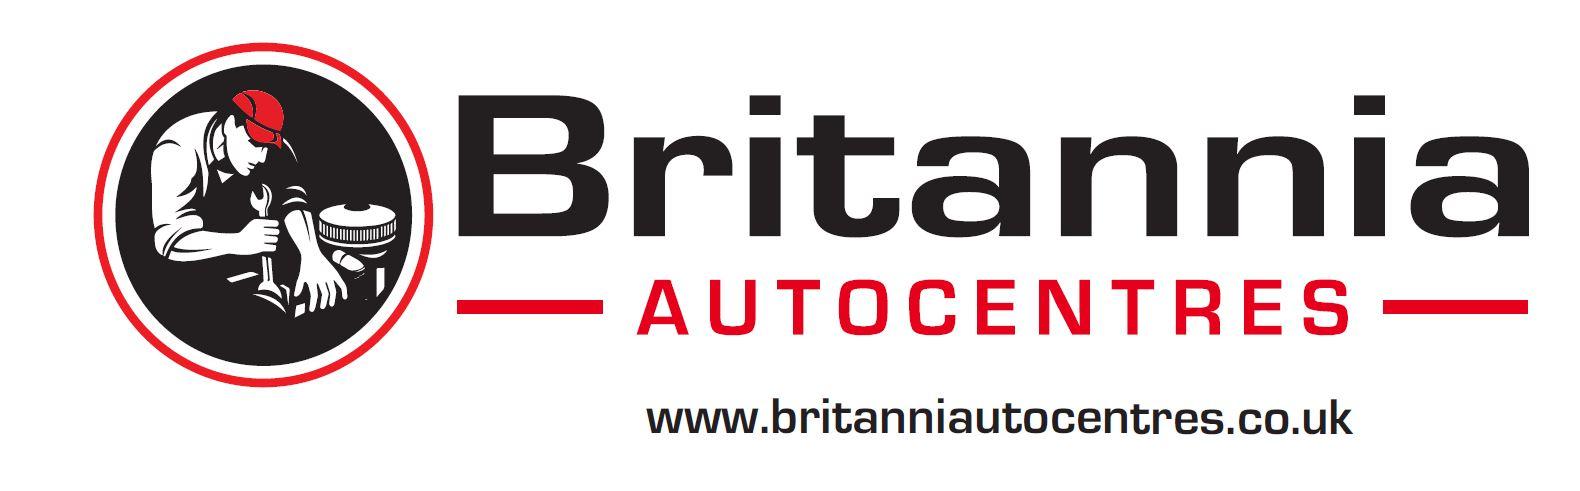 Britannia Auto Centres